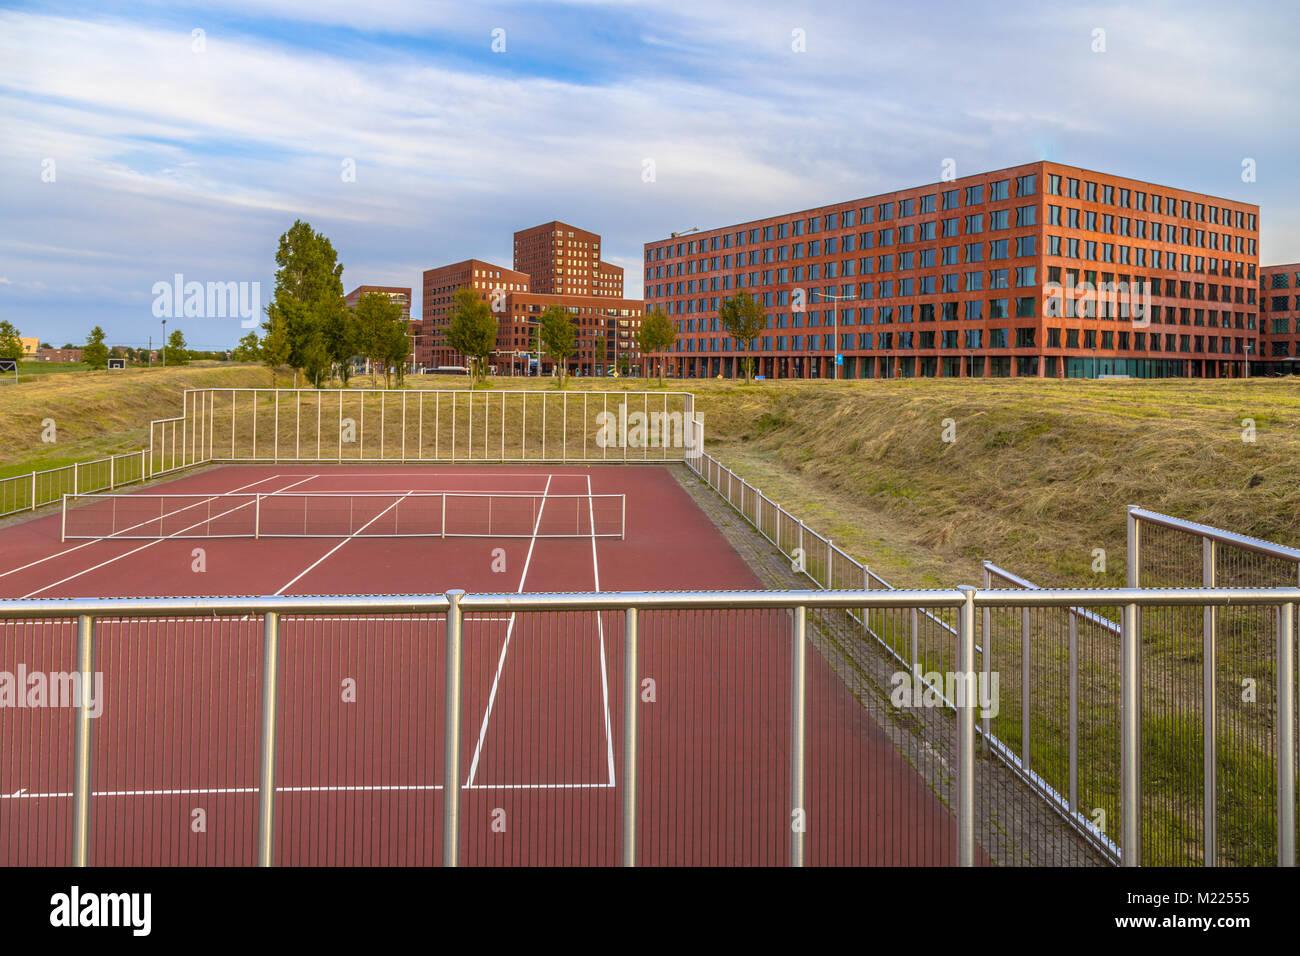 Instalación deportiva pública en parque cerca de las oficinas del distrito financiero en una zona suburbana Imagen De Stock